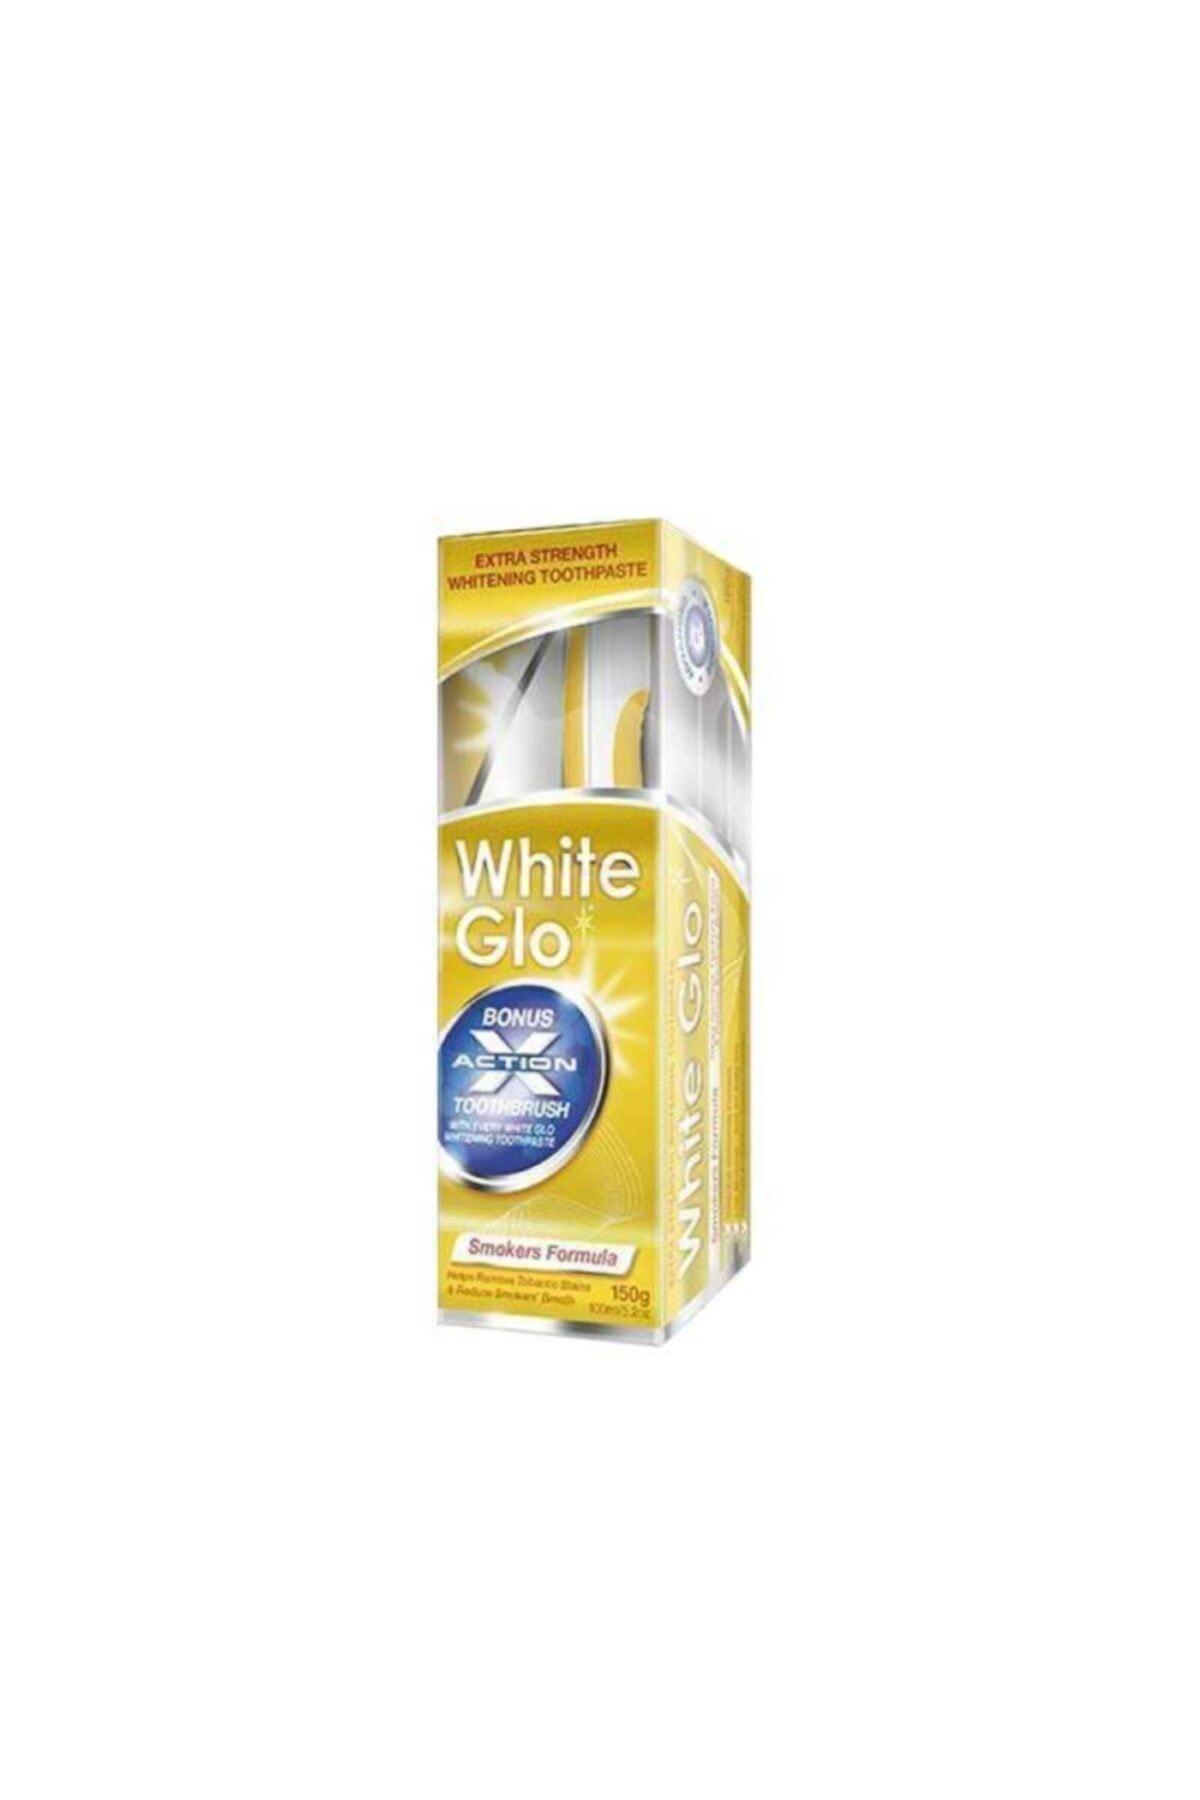 White Glo Sigara Lekelerine Karşı Beyazlatıcı Diş Macunu 100 ml 1